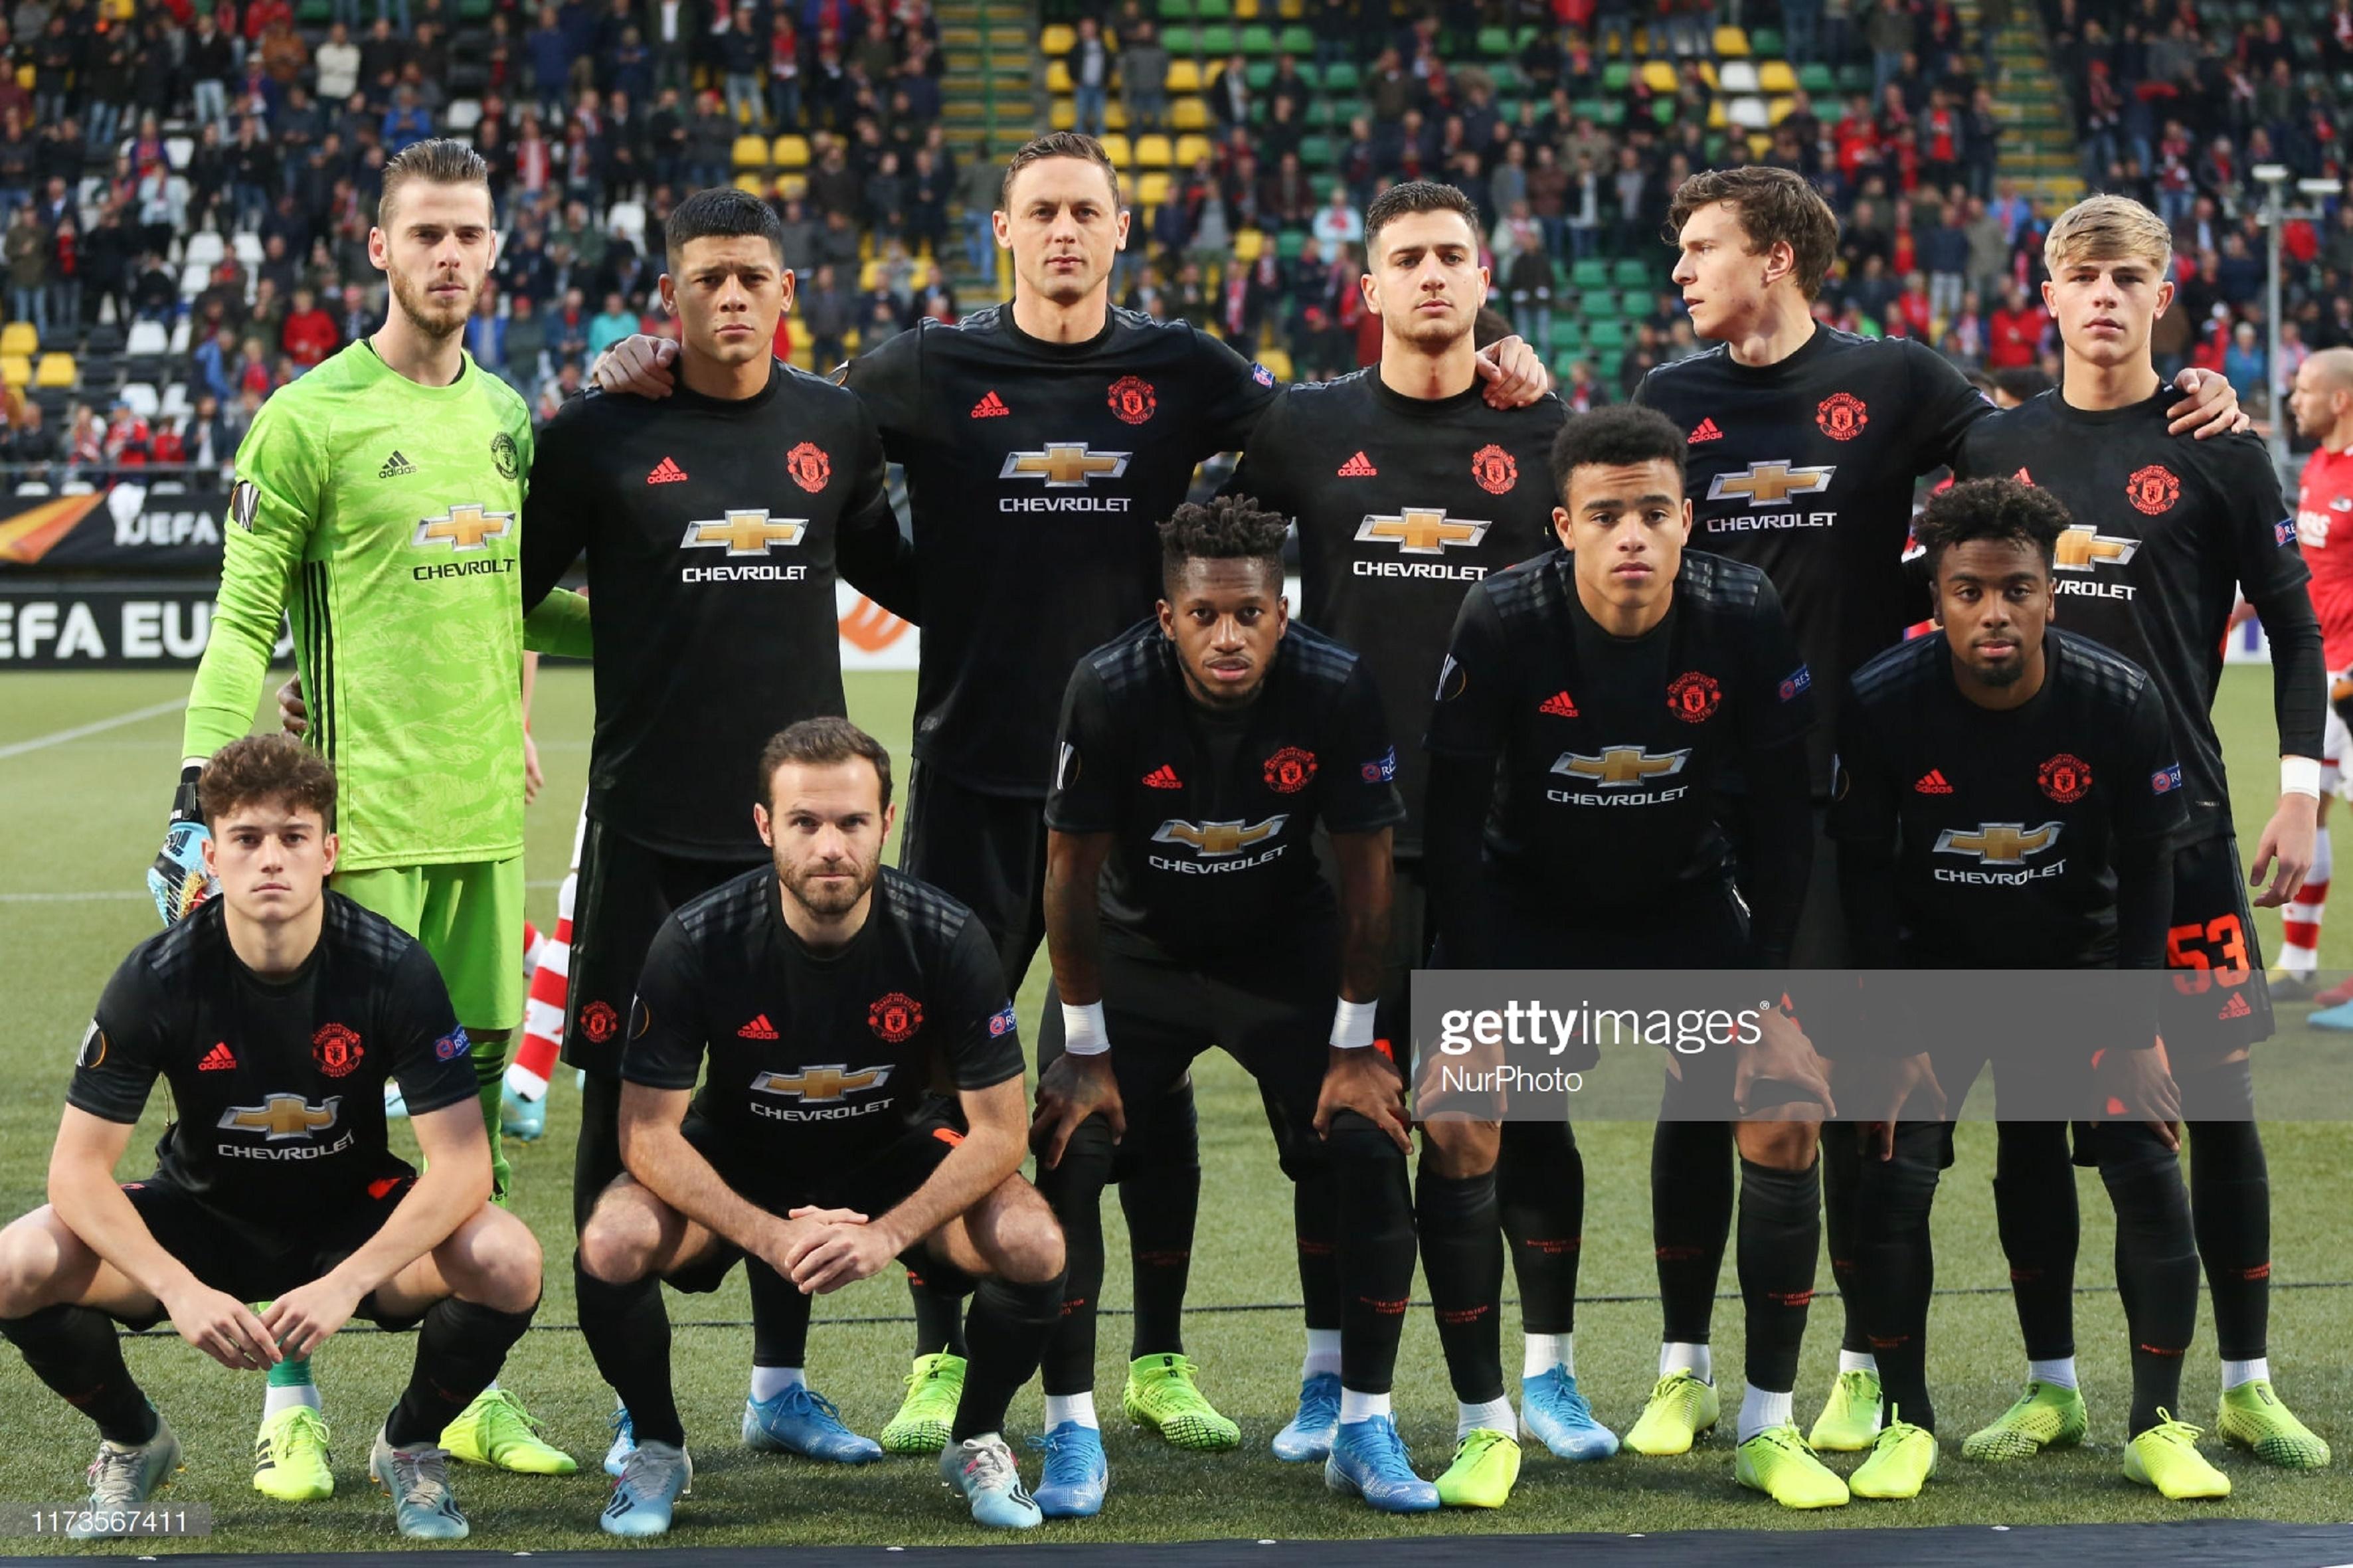 АЗ Алкмаар (Голландия) - Манчестер Юнайтед (Англия) 0:0. Нажмите, чтобы посмотреть истинный размер рисунка